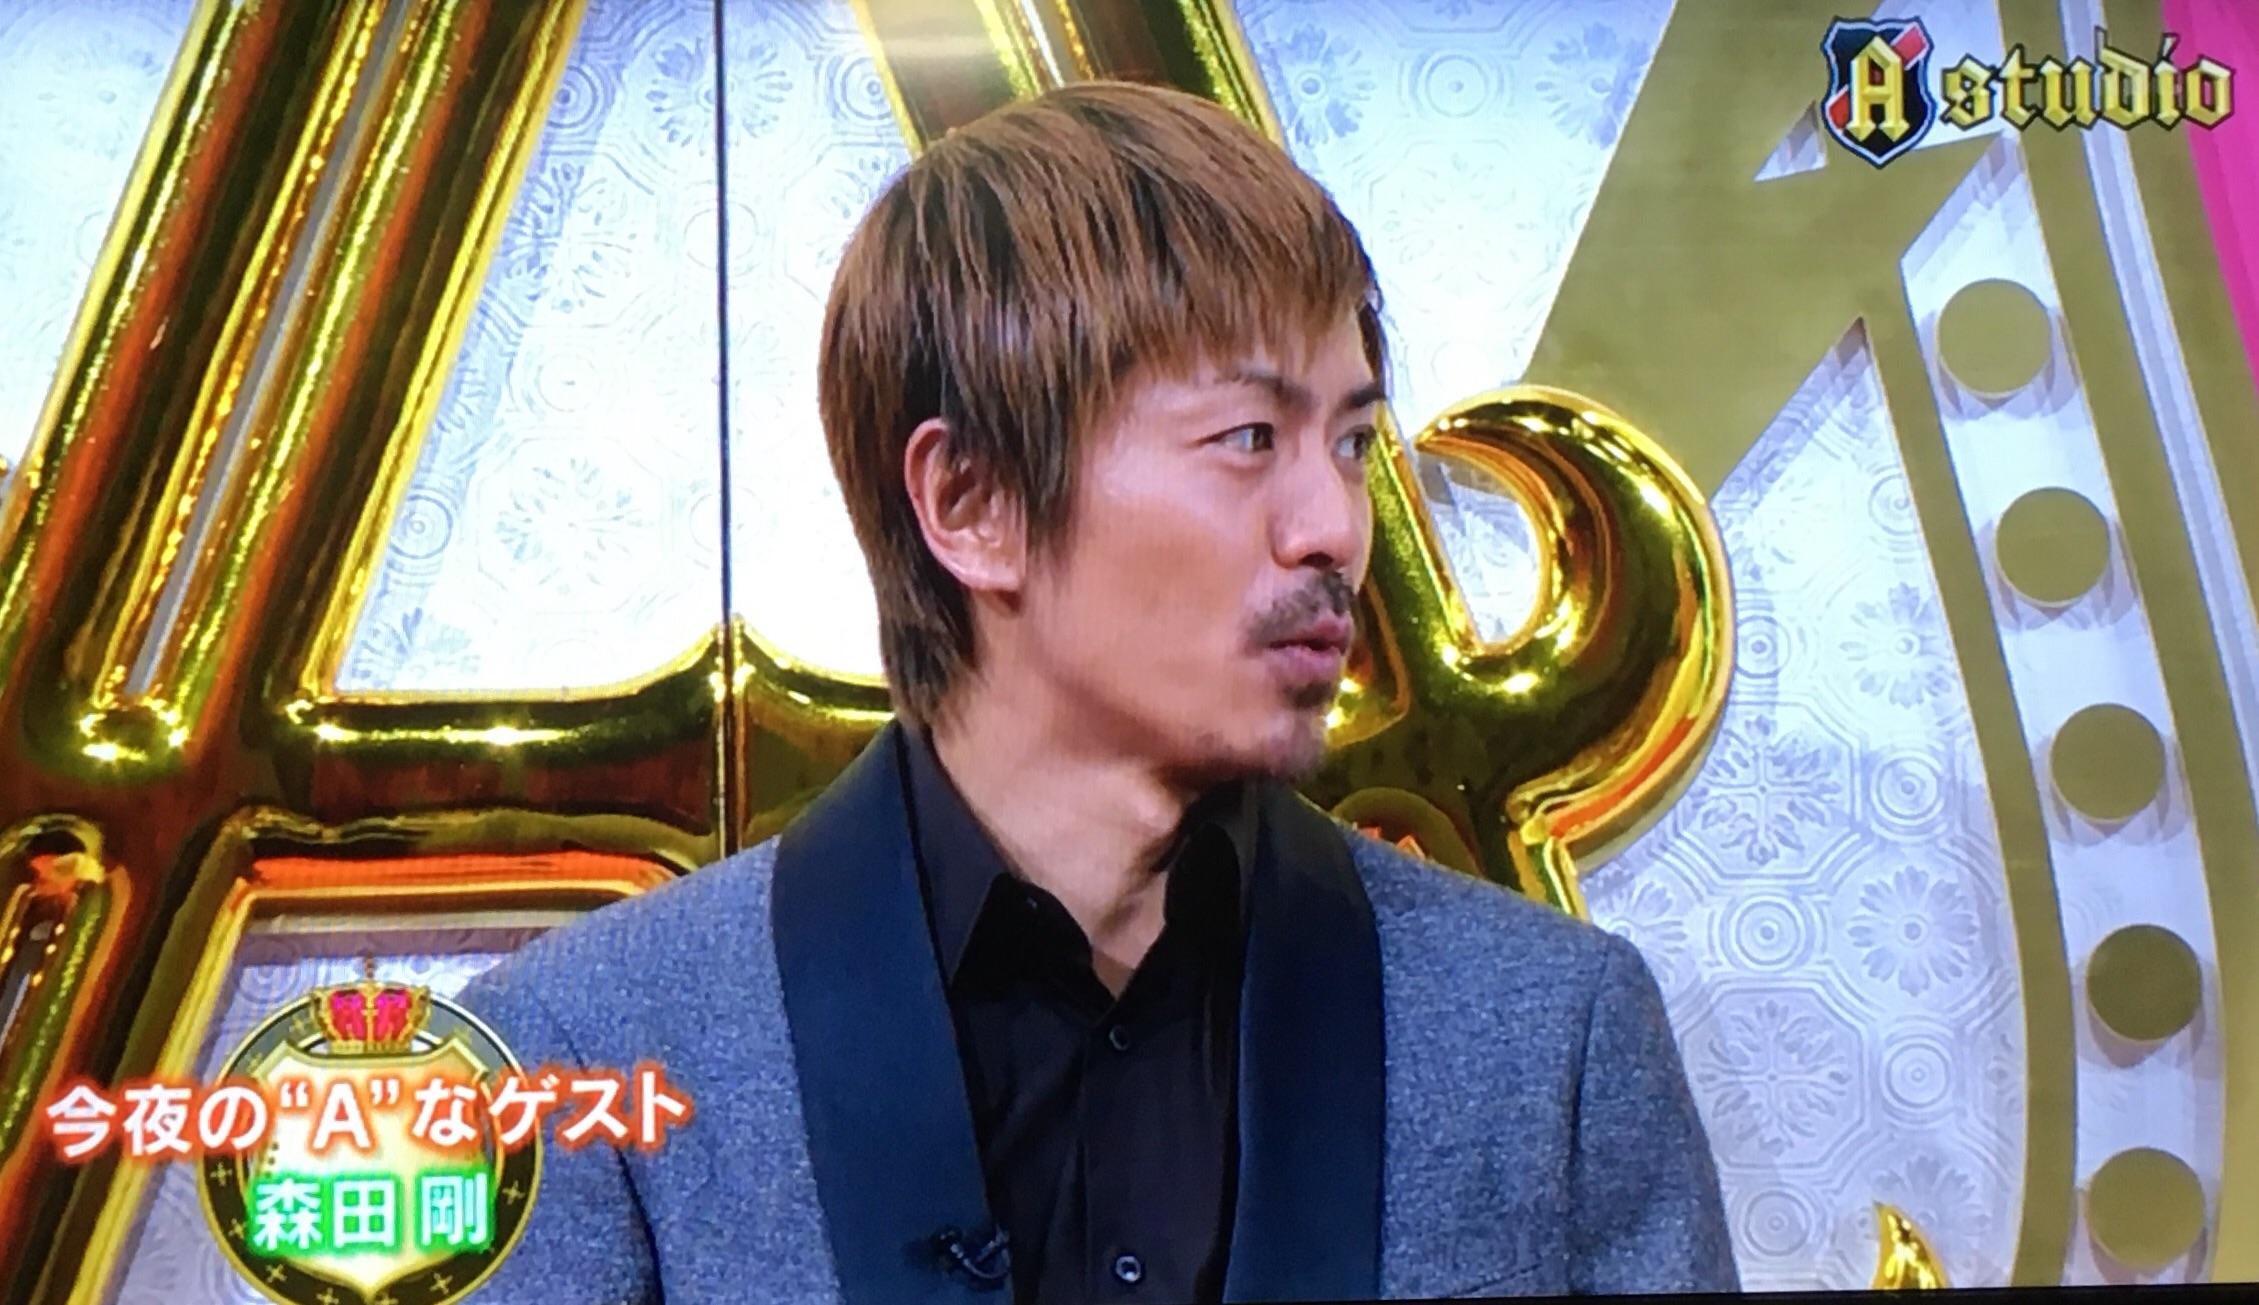 f:id:idehazuki:20160528205800j:image